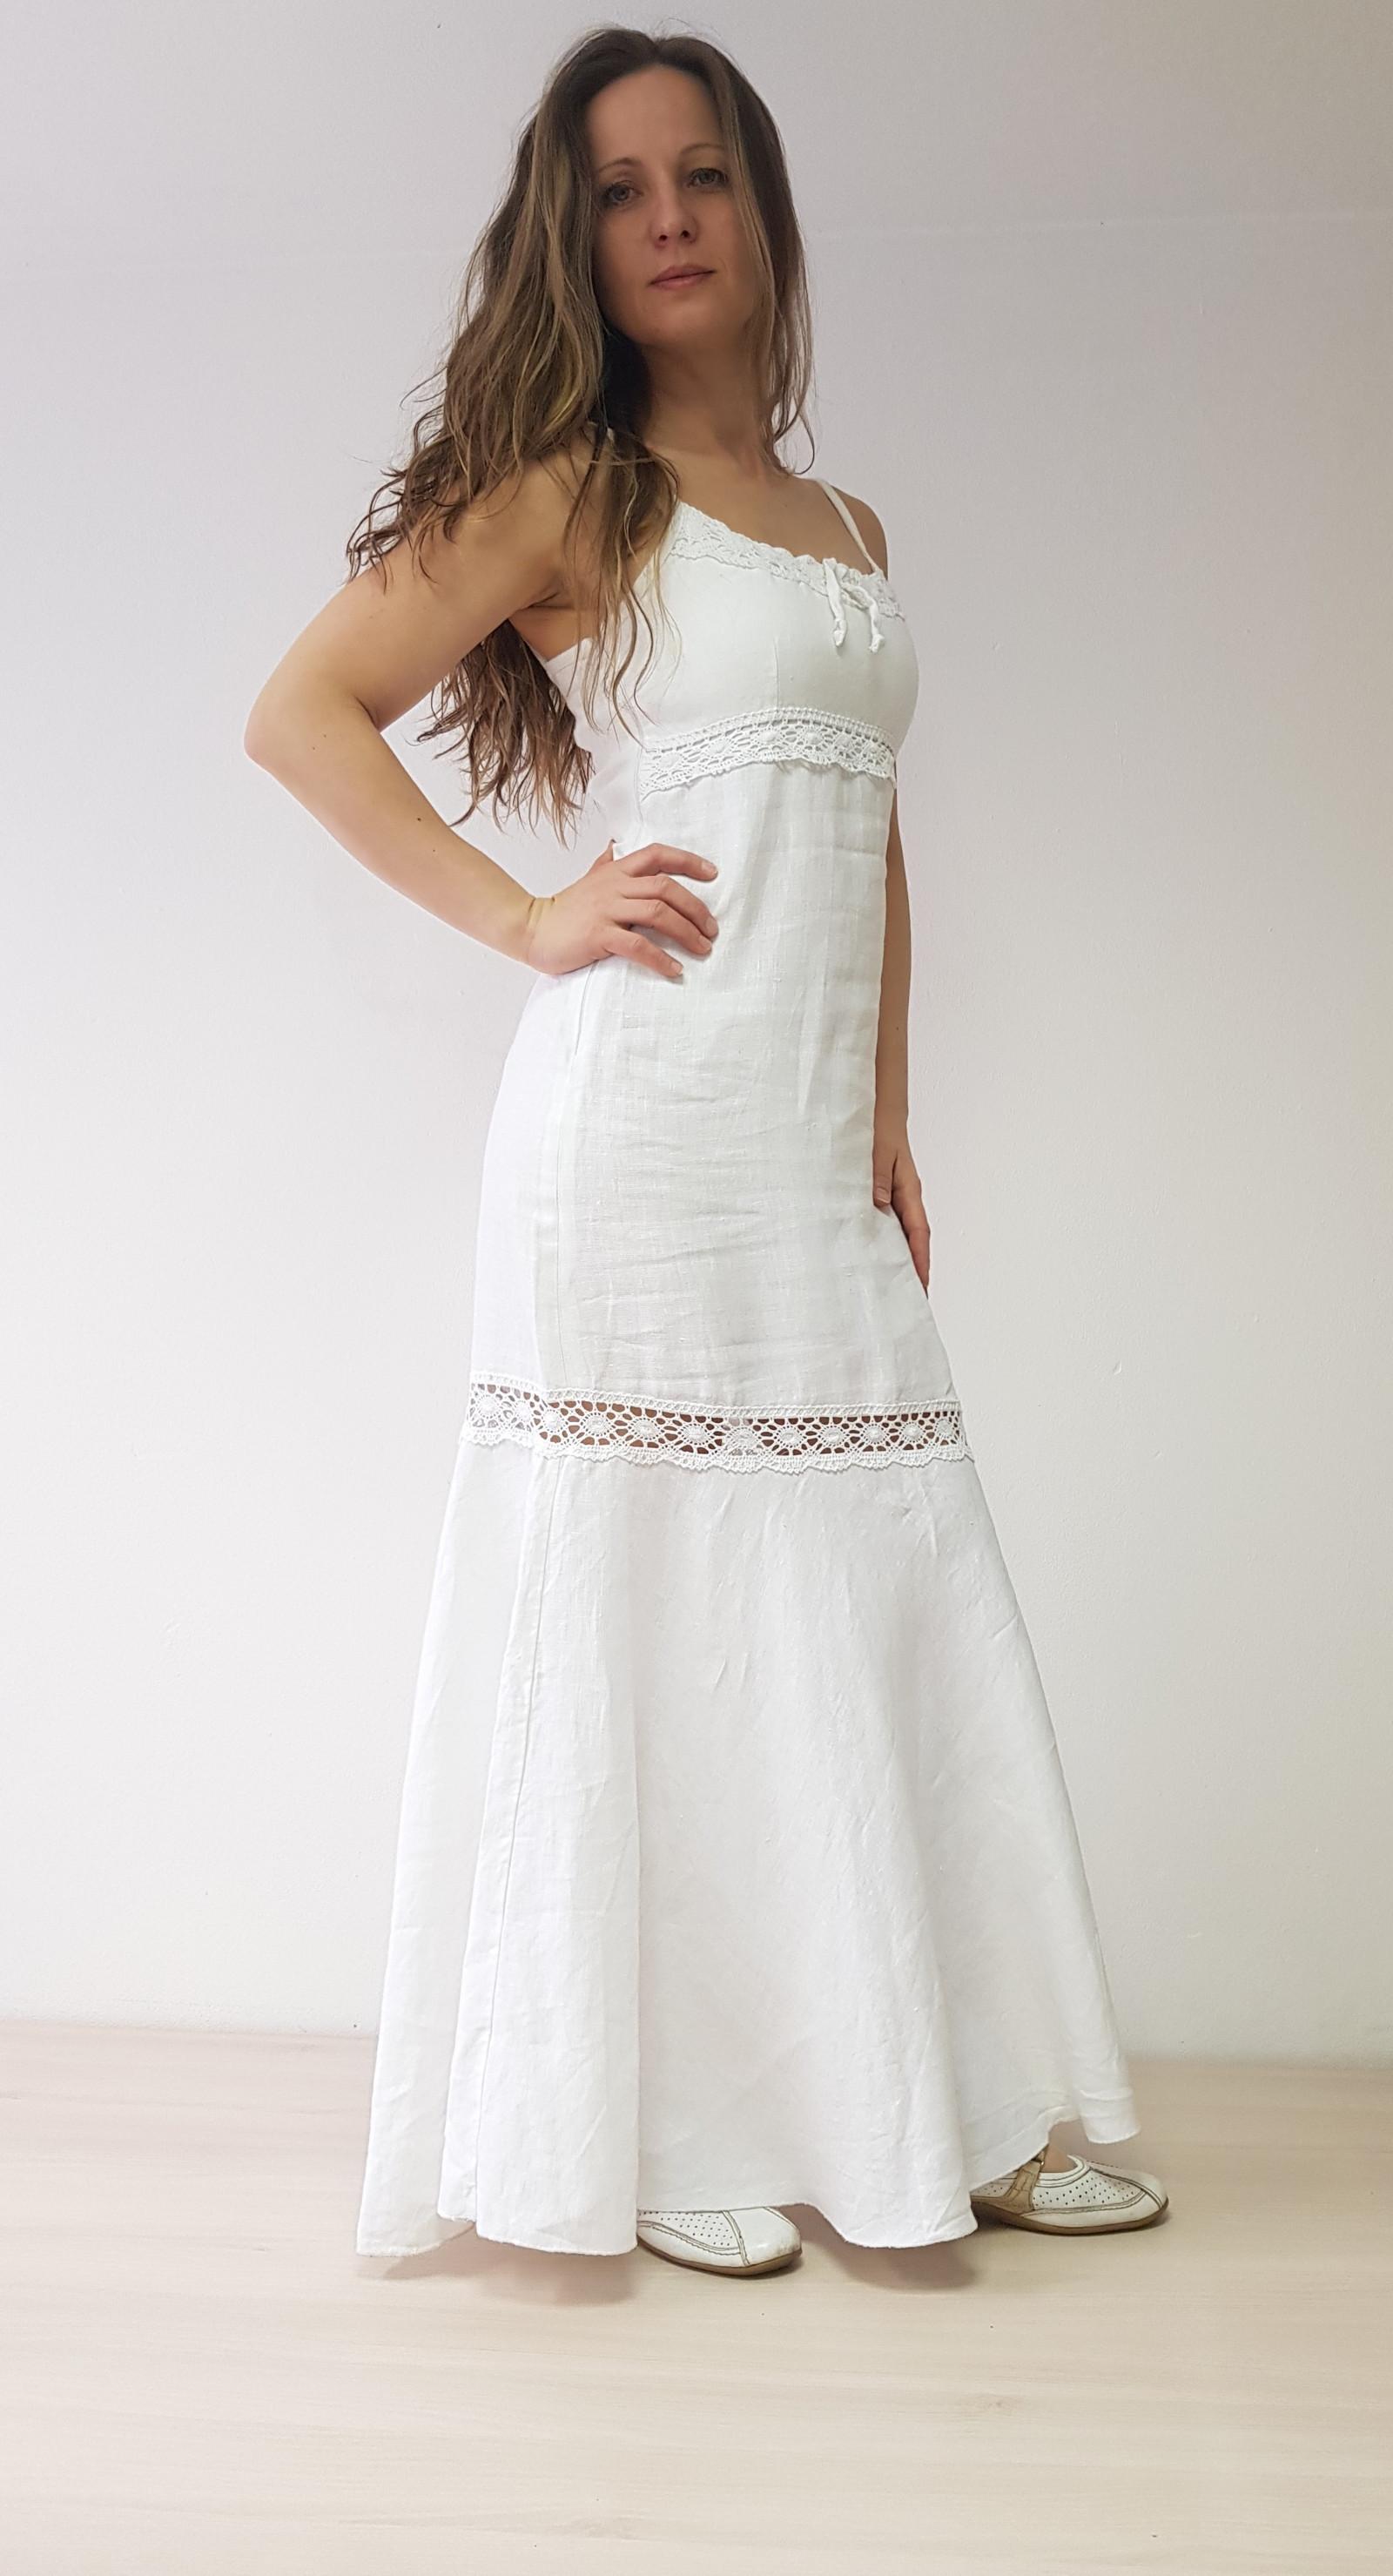 ace77f1149f4 Lněné bílé šaty s krajkou   Zboží prodejce Zrozena pro krásu